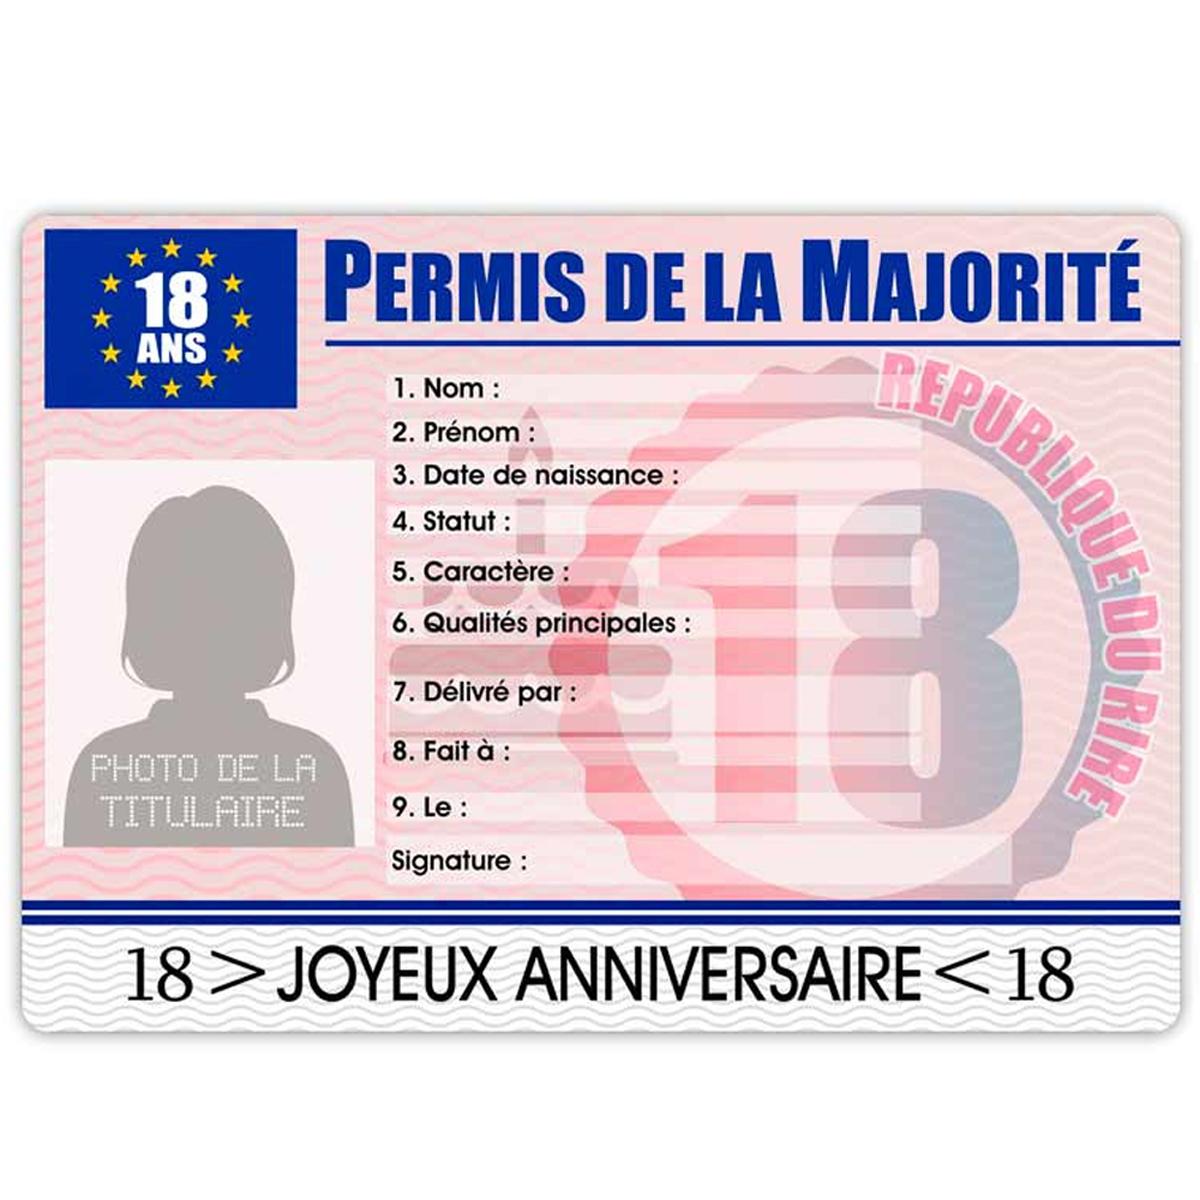 Carte permis européen \'Permis de la majorité\' 18 ans (femme) - 22x155 cm - [R2170]